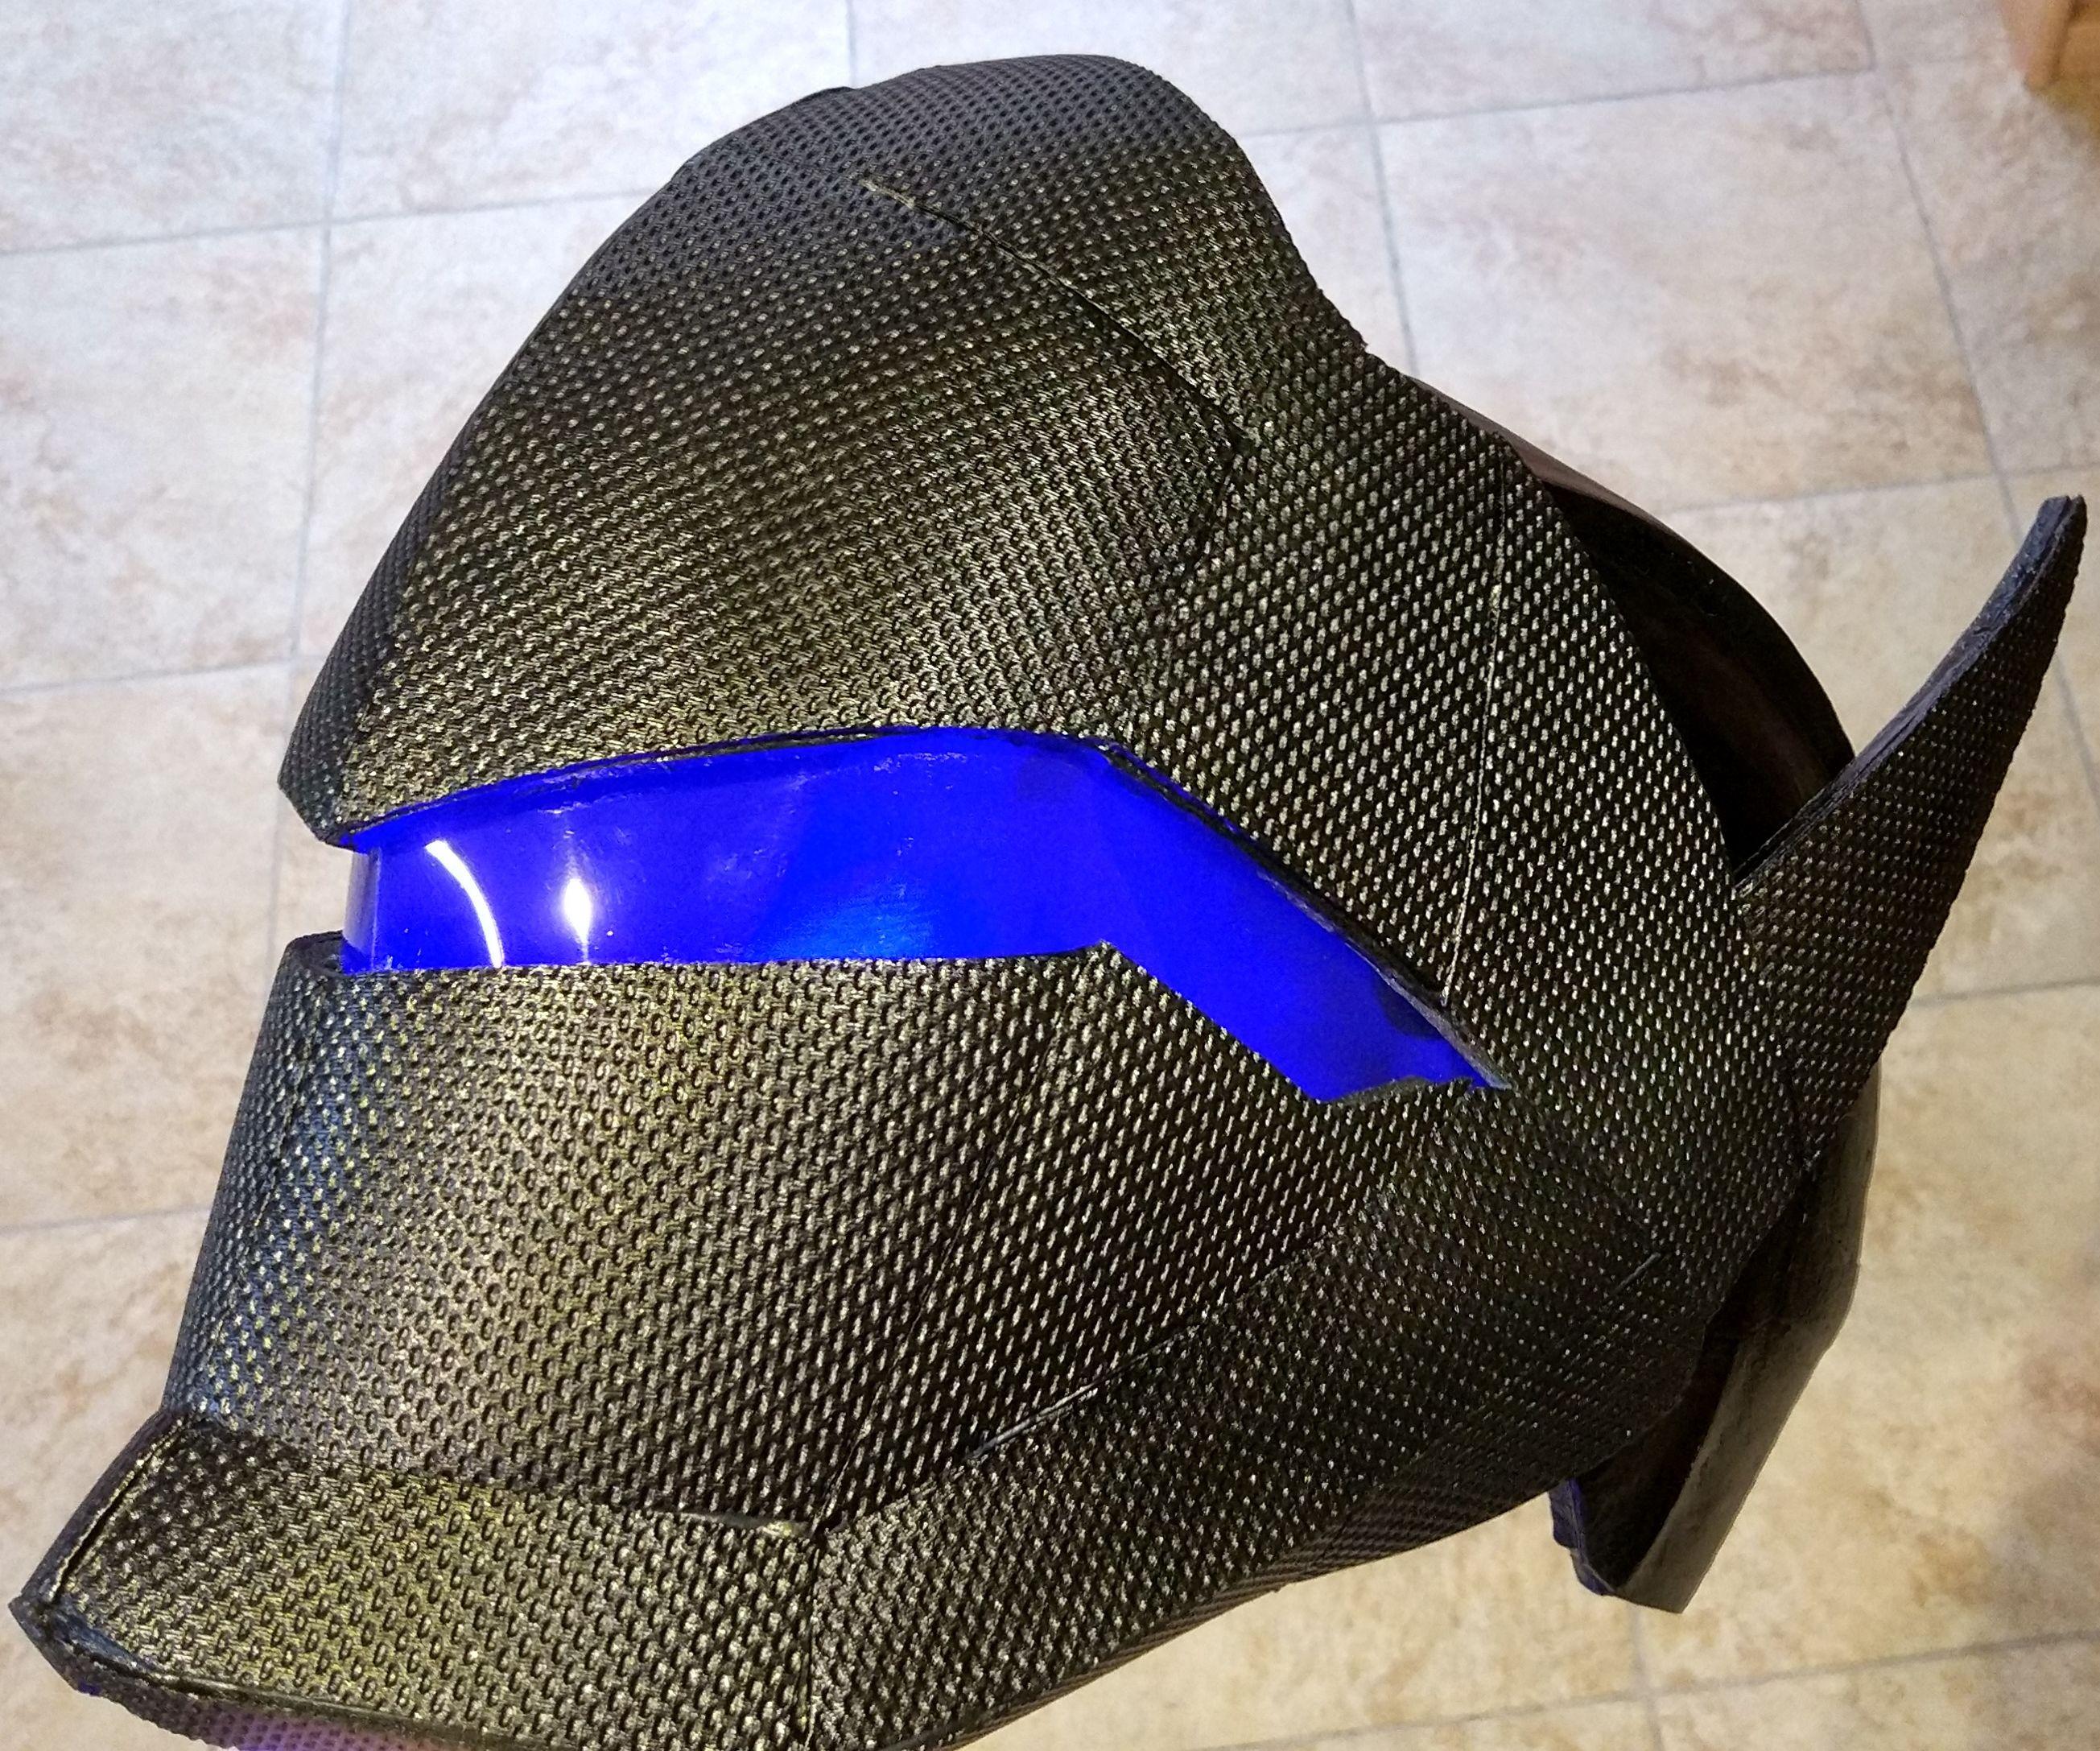 Genji's Helmet (Carbon Fiber Skin) EN/FR Casque De Genji Overwatch